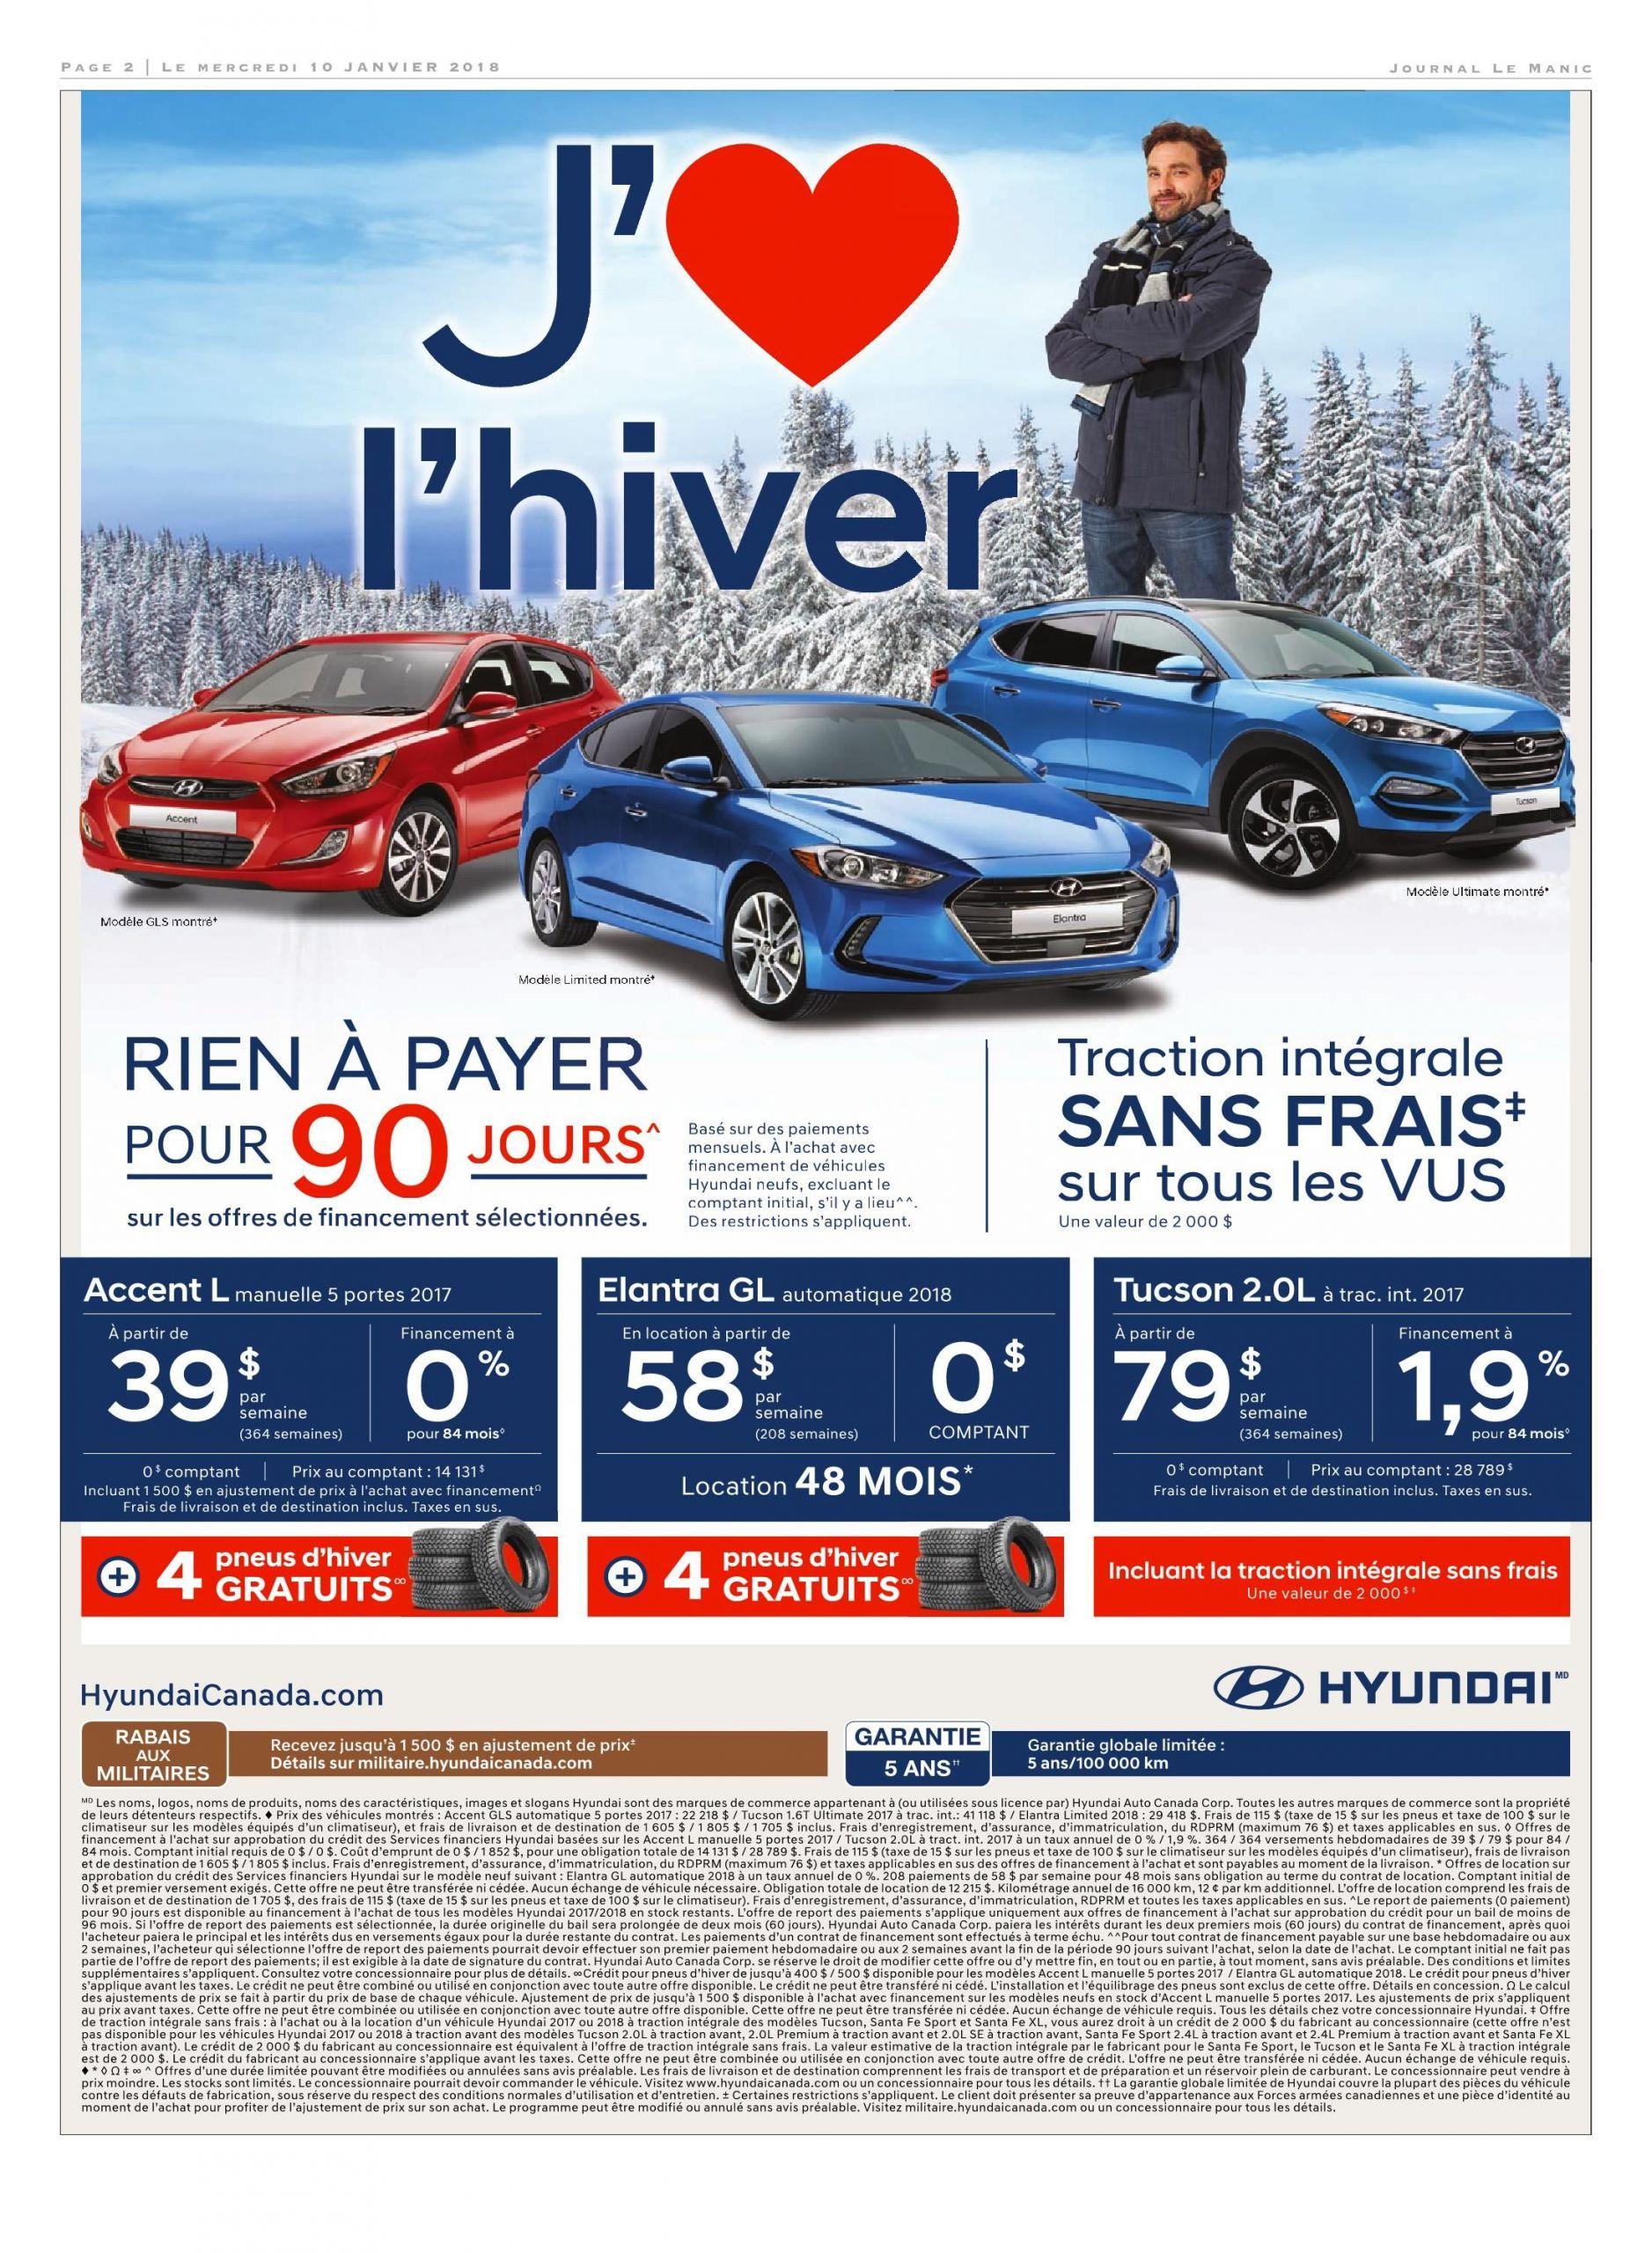 E Leclerc Livraison Best Of Le Manic 10 Janvier 2018 Pages 1 32 Text Version Of 28 Beau E Leclerc Livraison